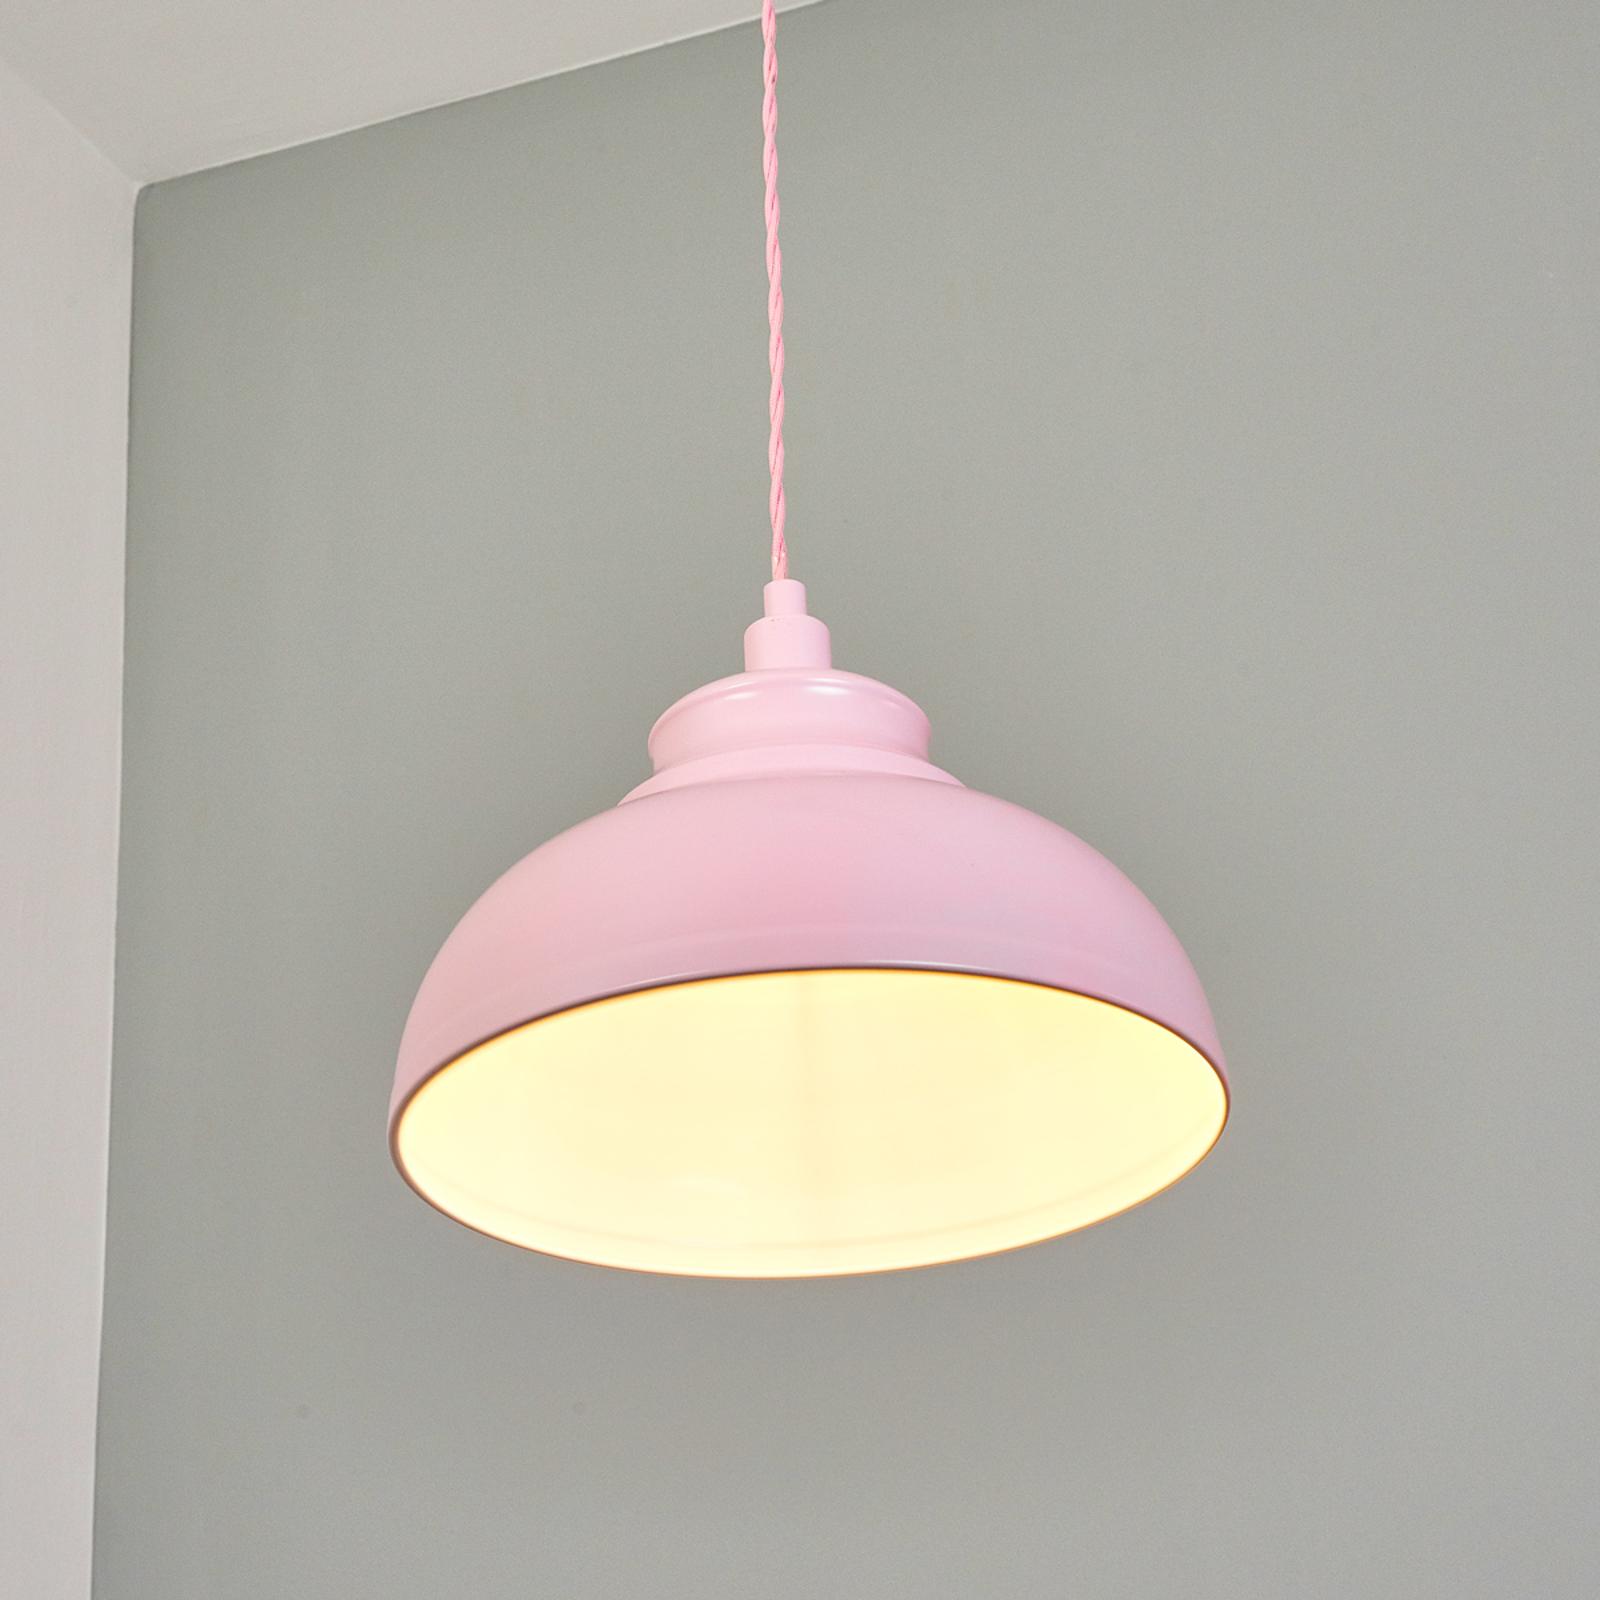 Metalowa lampa wisząca Isla różowa